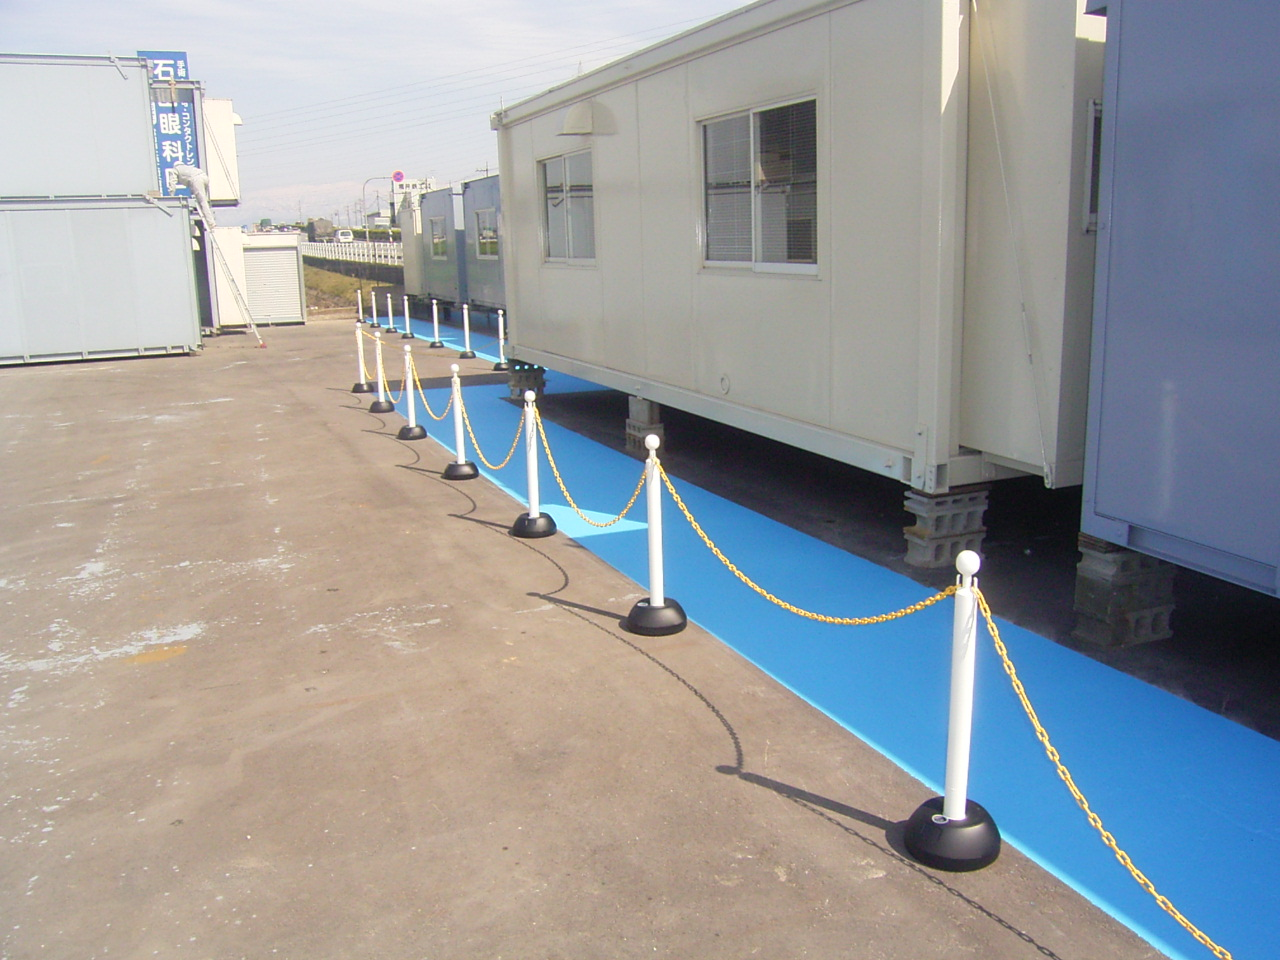 薄層カラー舗装(滑り止め)・路面カラー化 施工事例5